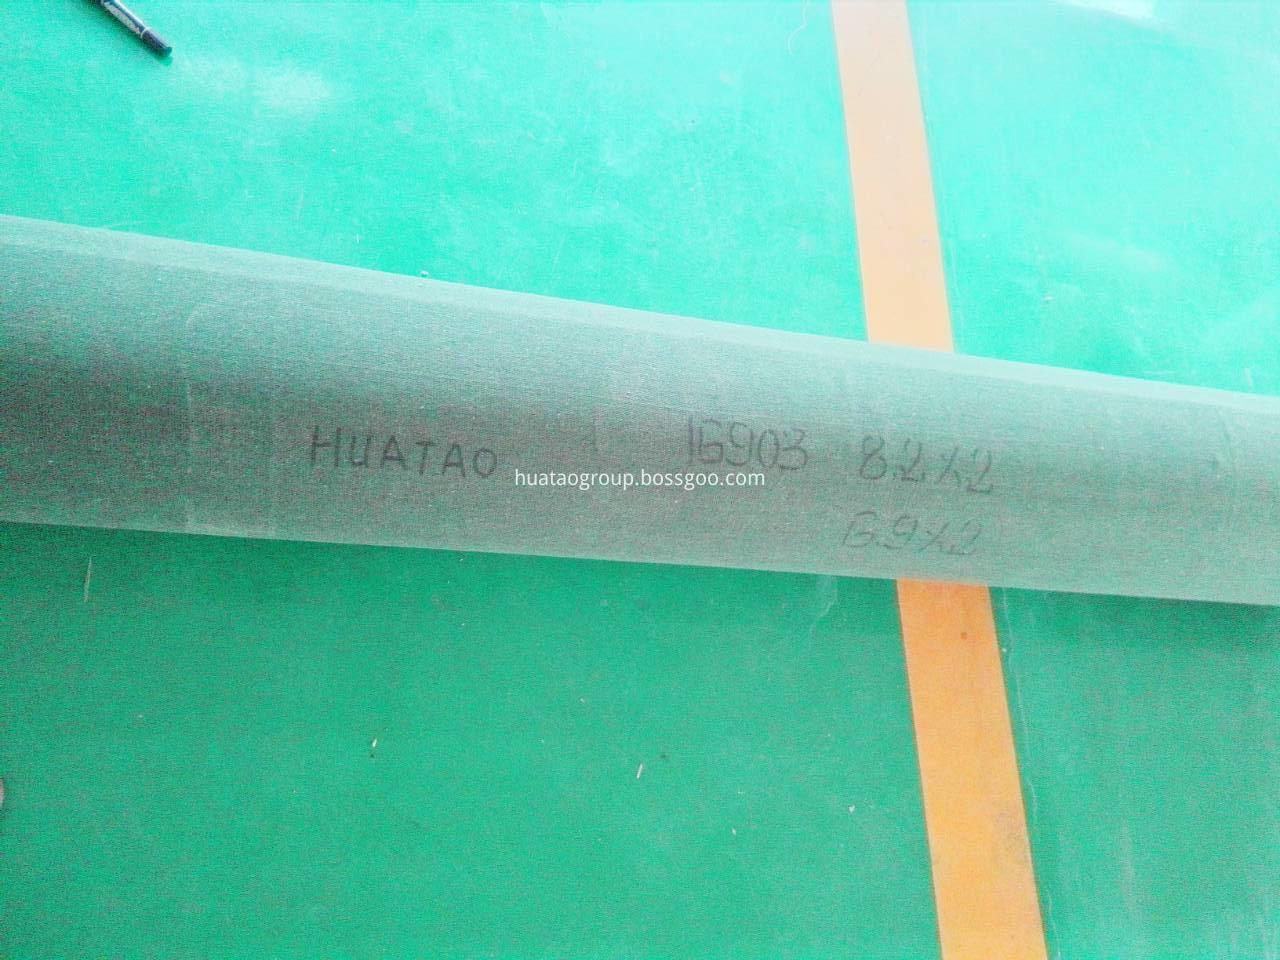 huaqiang 16903 -2